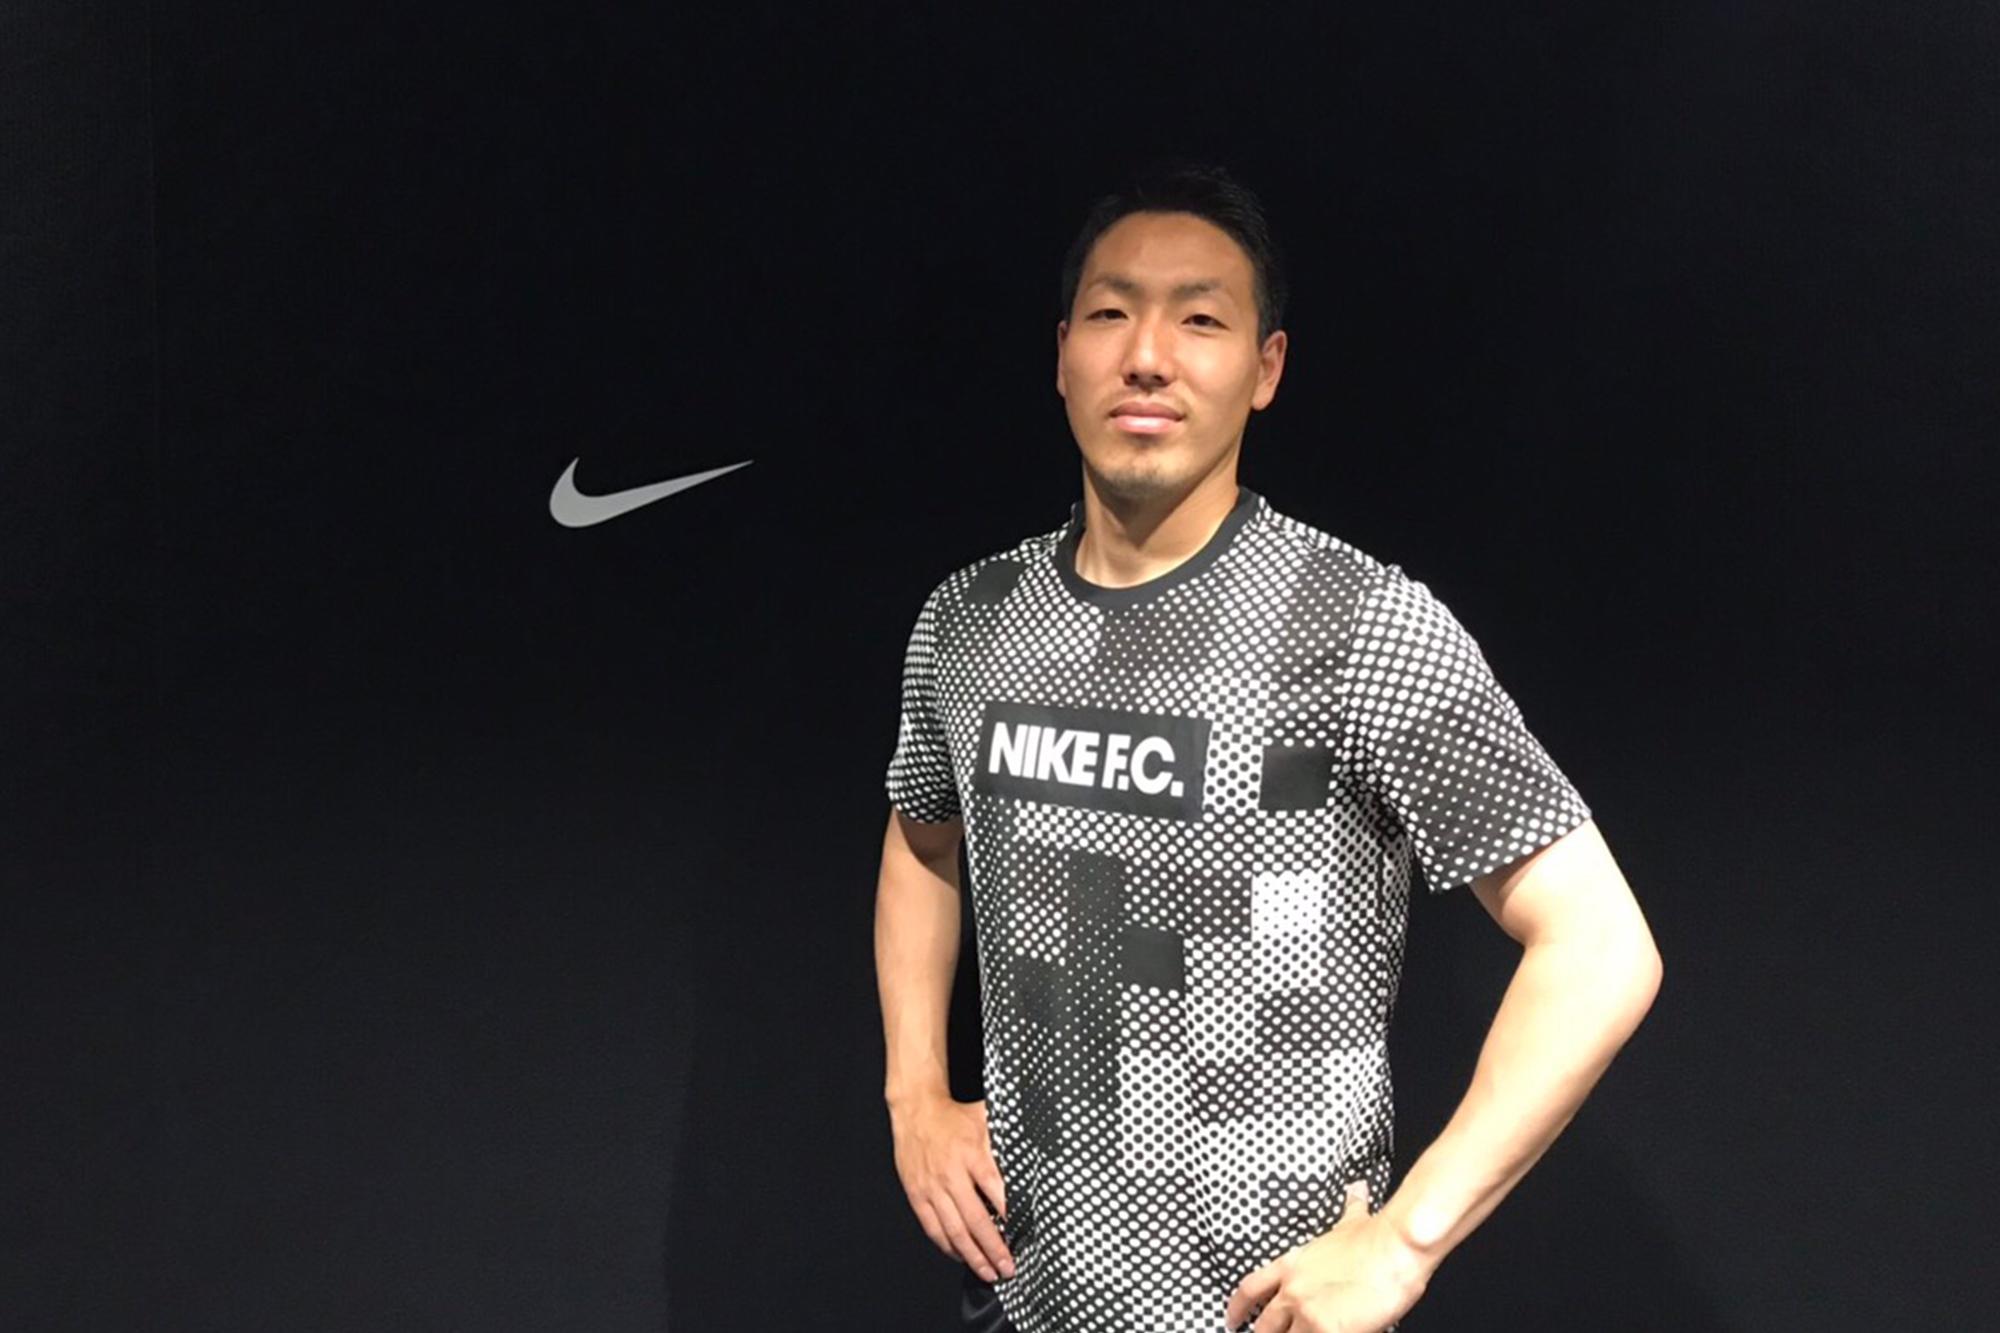 【終了しました】REIBOLAスペシャルサッカークリニック